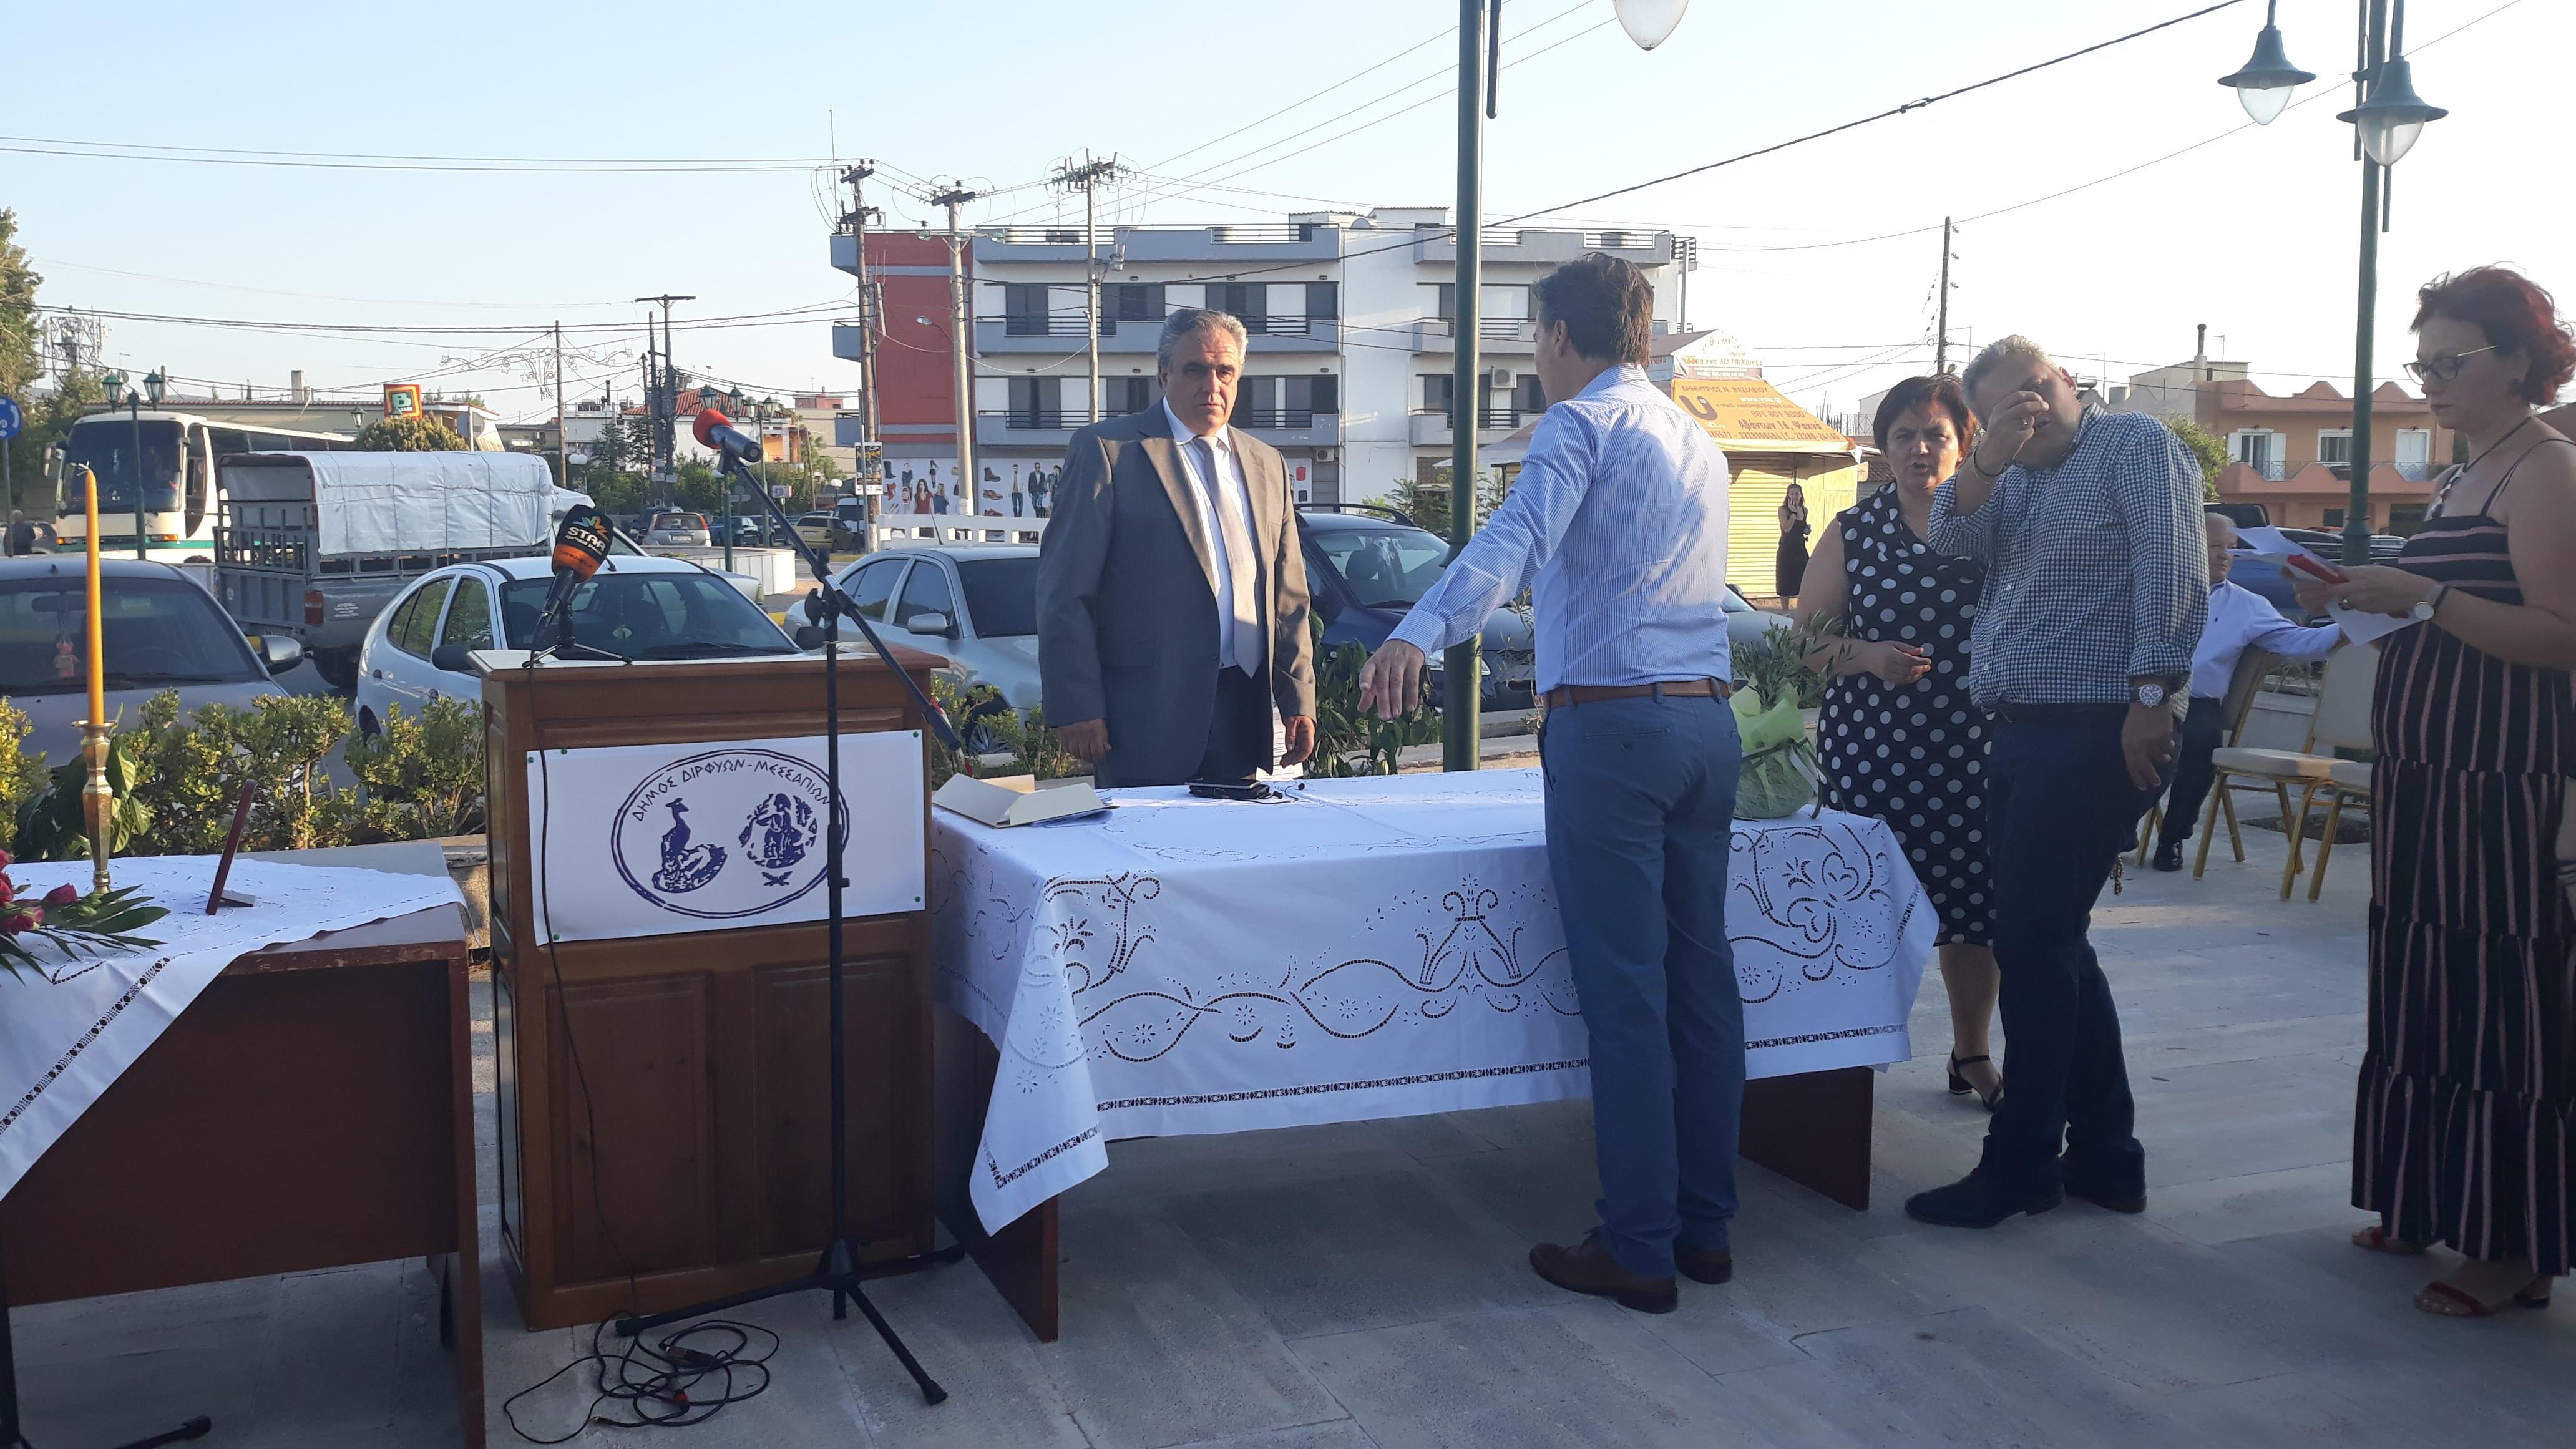 Πραγματοποιήθηκε η ορκωμοσία του νέου δημοτικού συμβουλίου του Δήμου Διρφύων Μεσσαπίων 20190830 190707